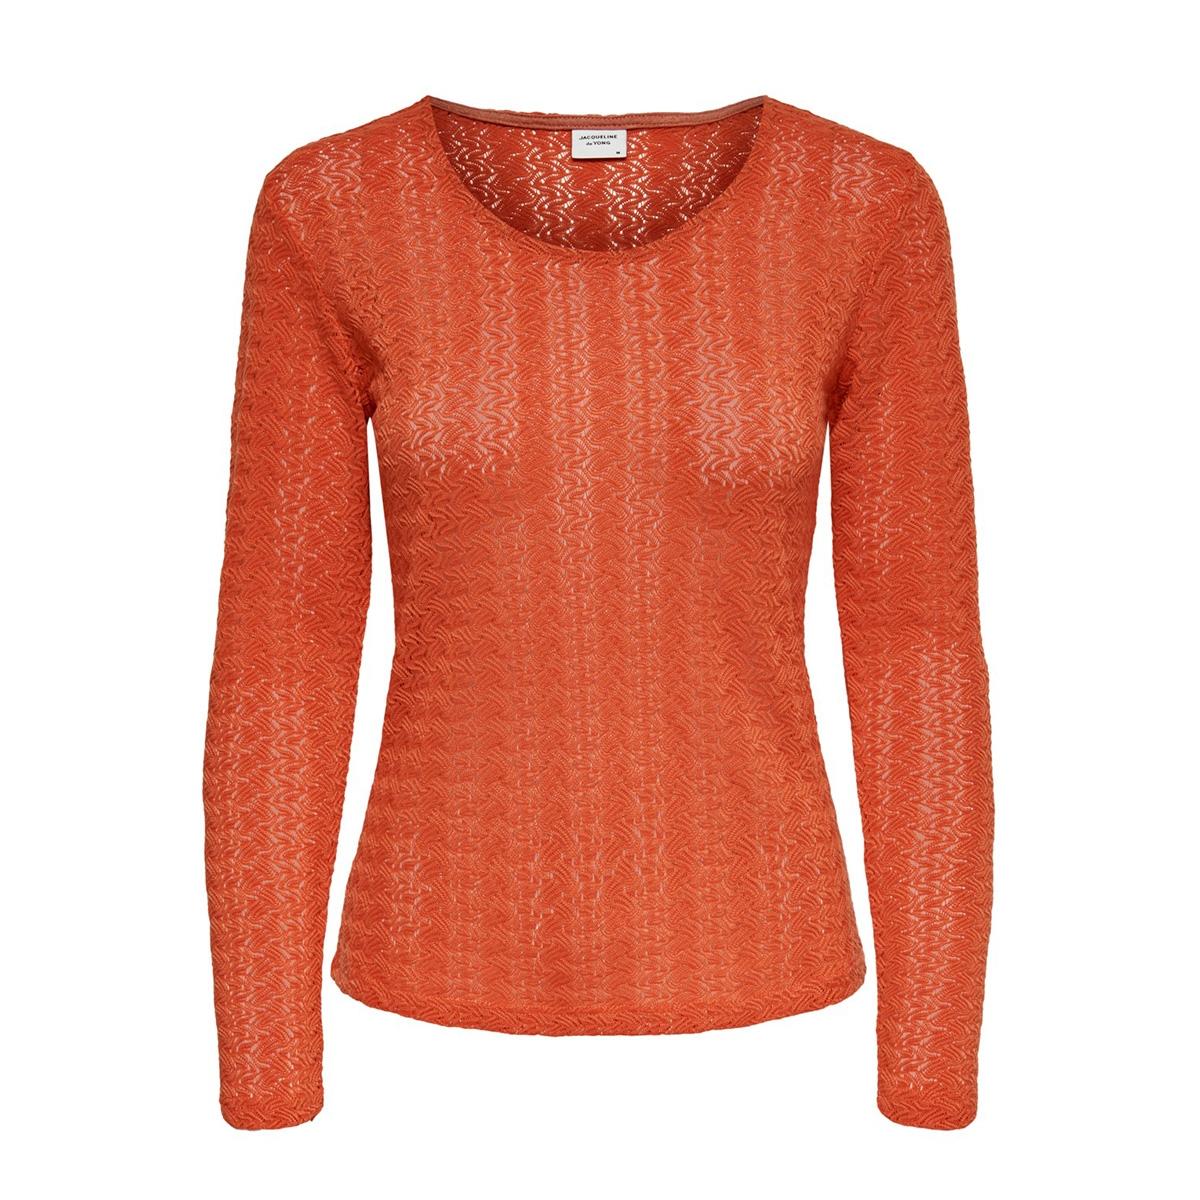 jdylenna l/s lace top jrs 15193551 jacqueline de yong t-shirt summer fig